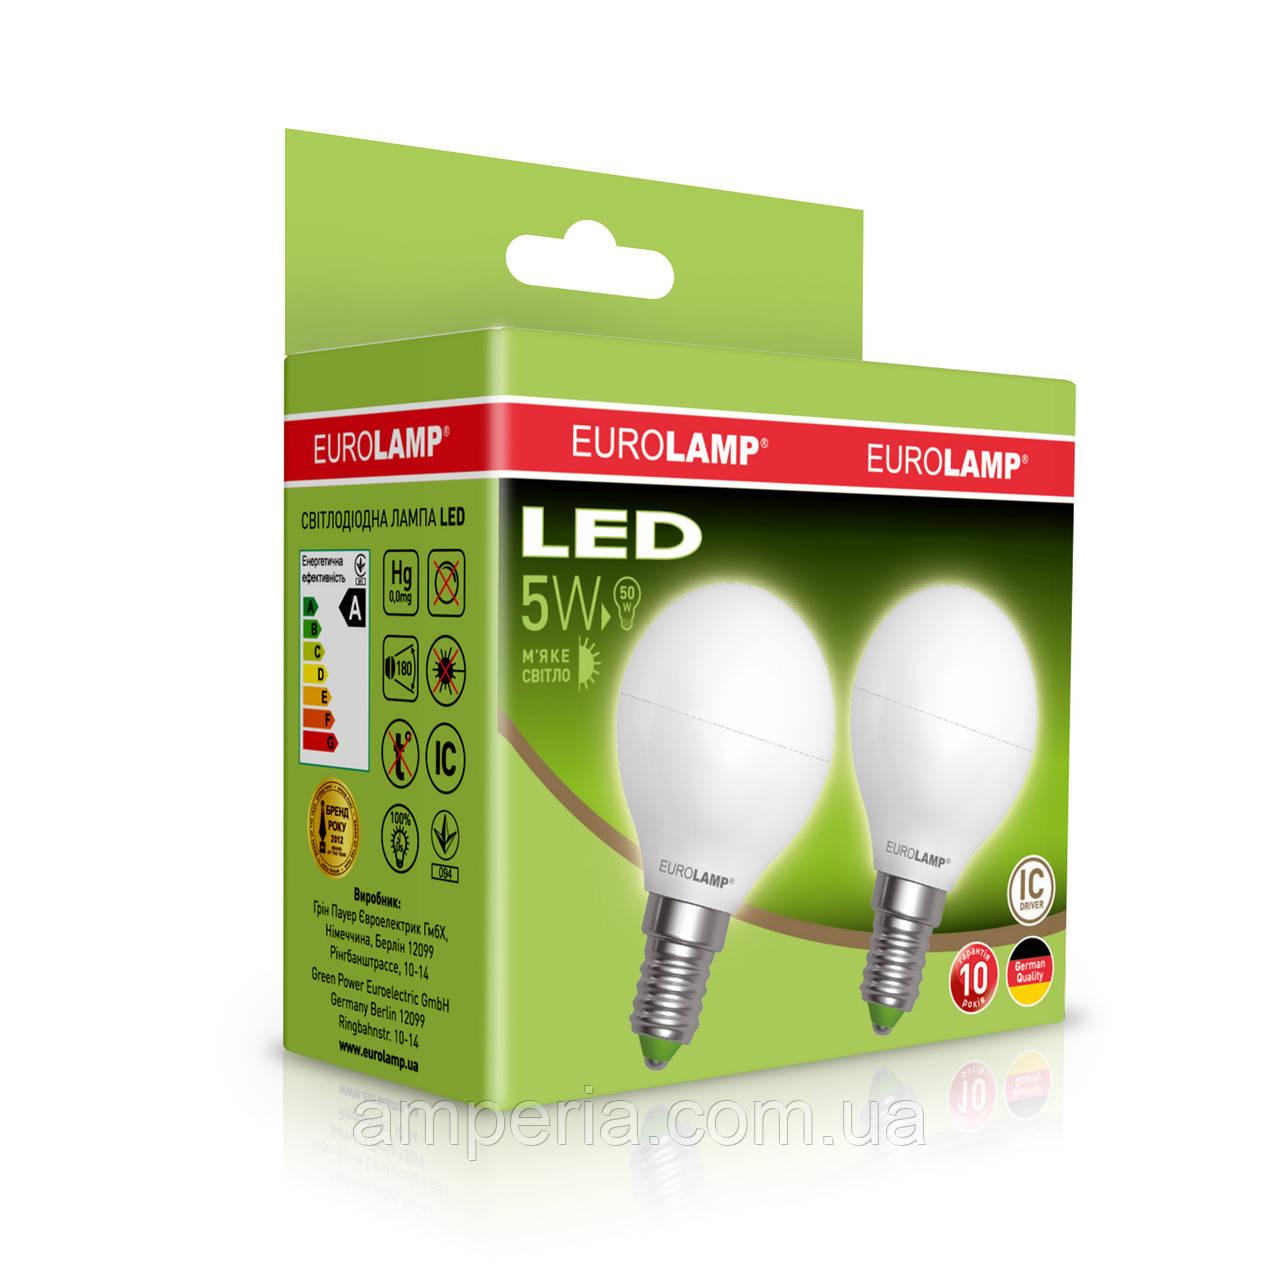 """Промо-набор EUROLAMP LED Лампа ЕКО G45 5W E14 3000K акция """"1+1"""""""